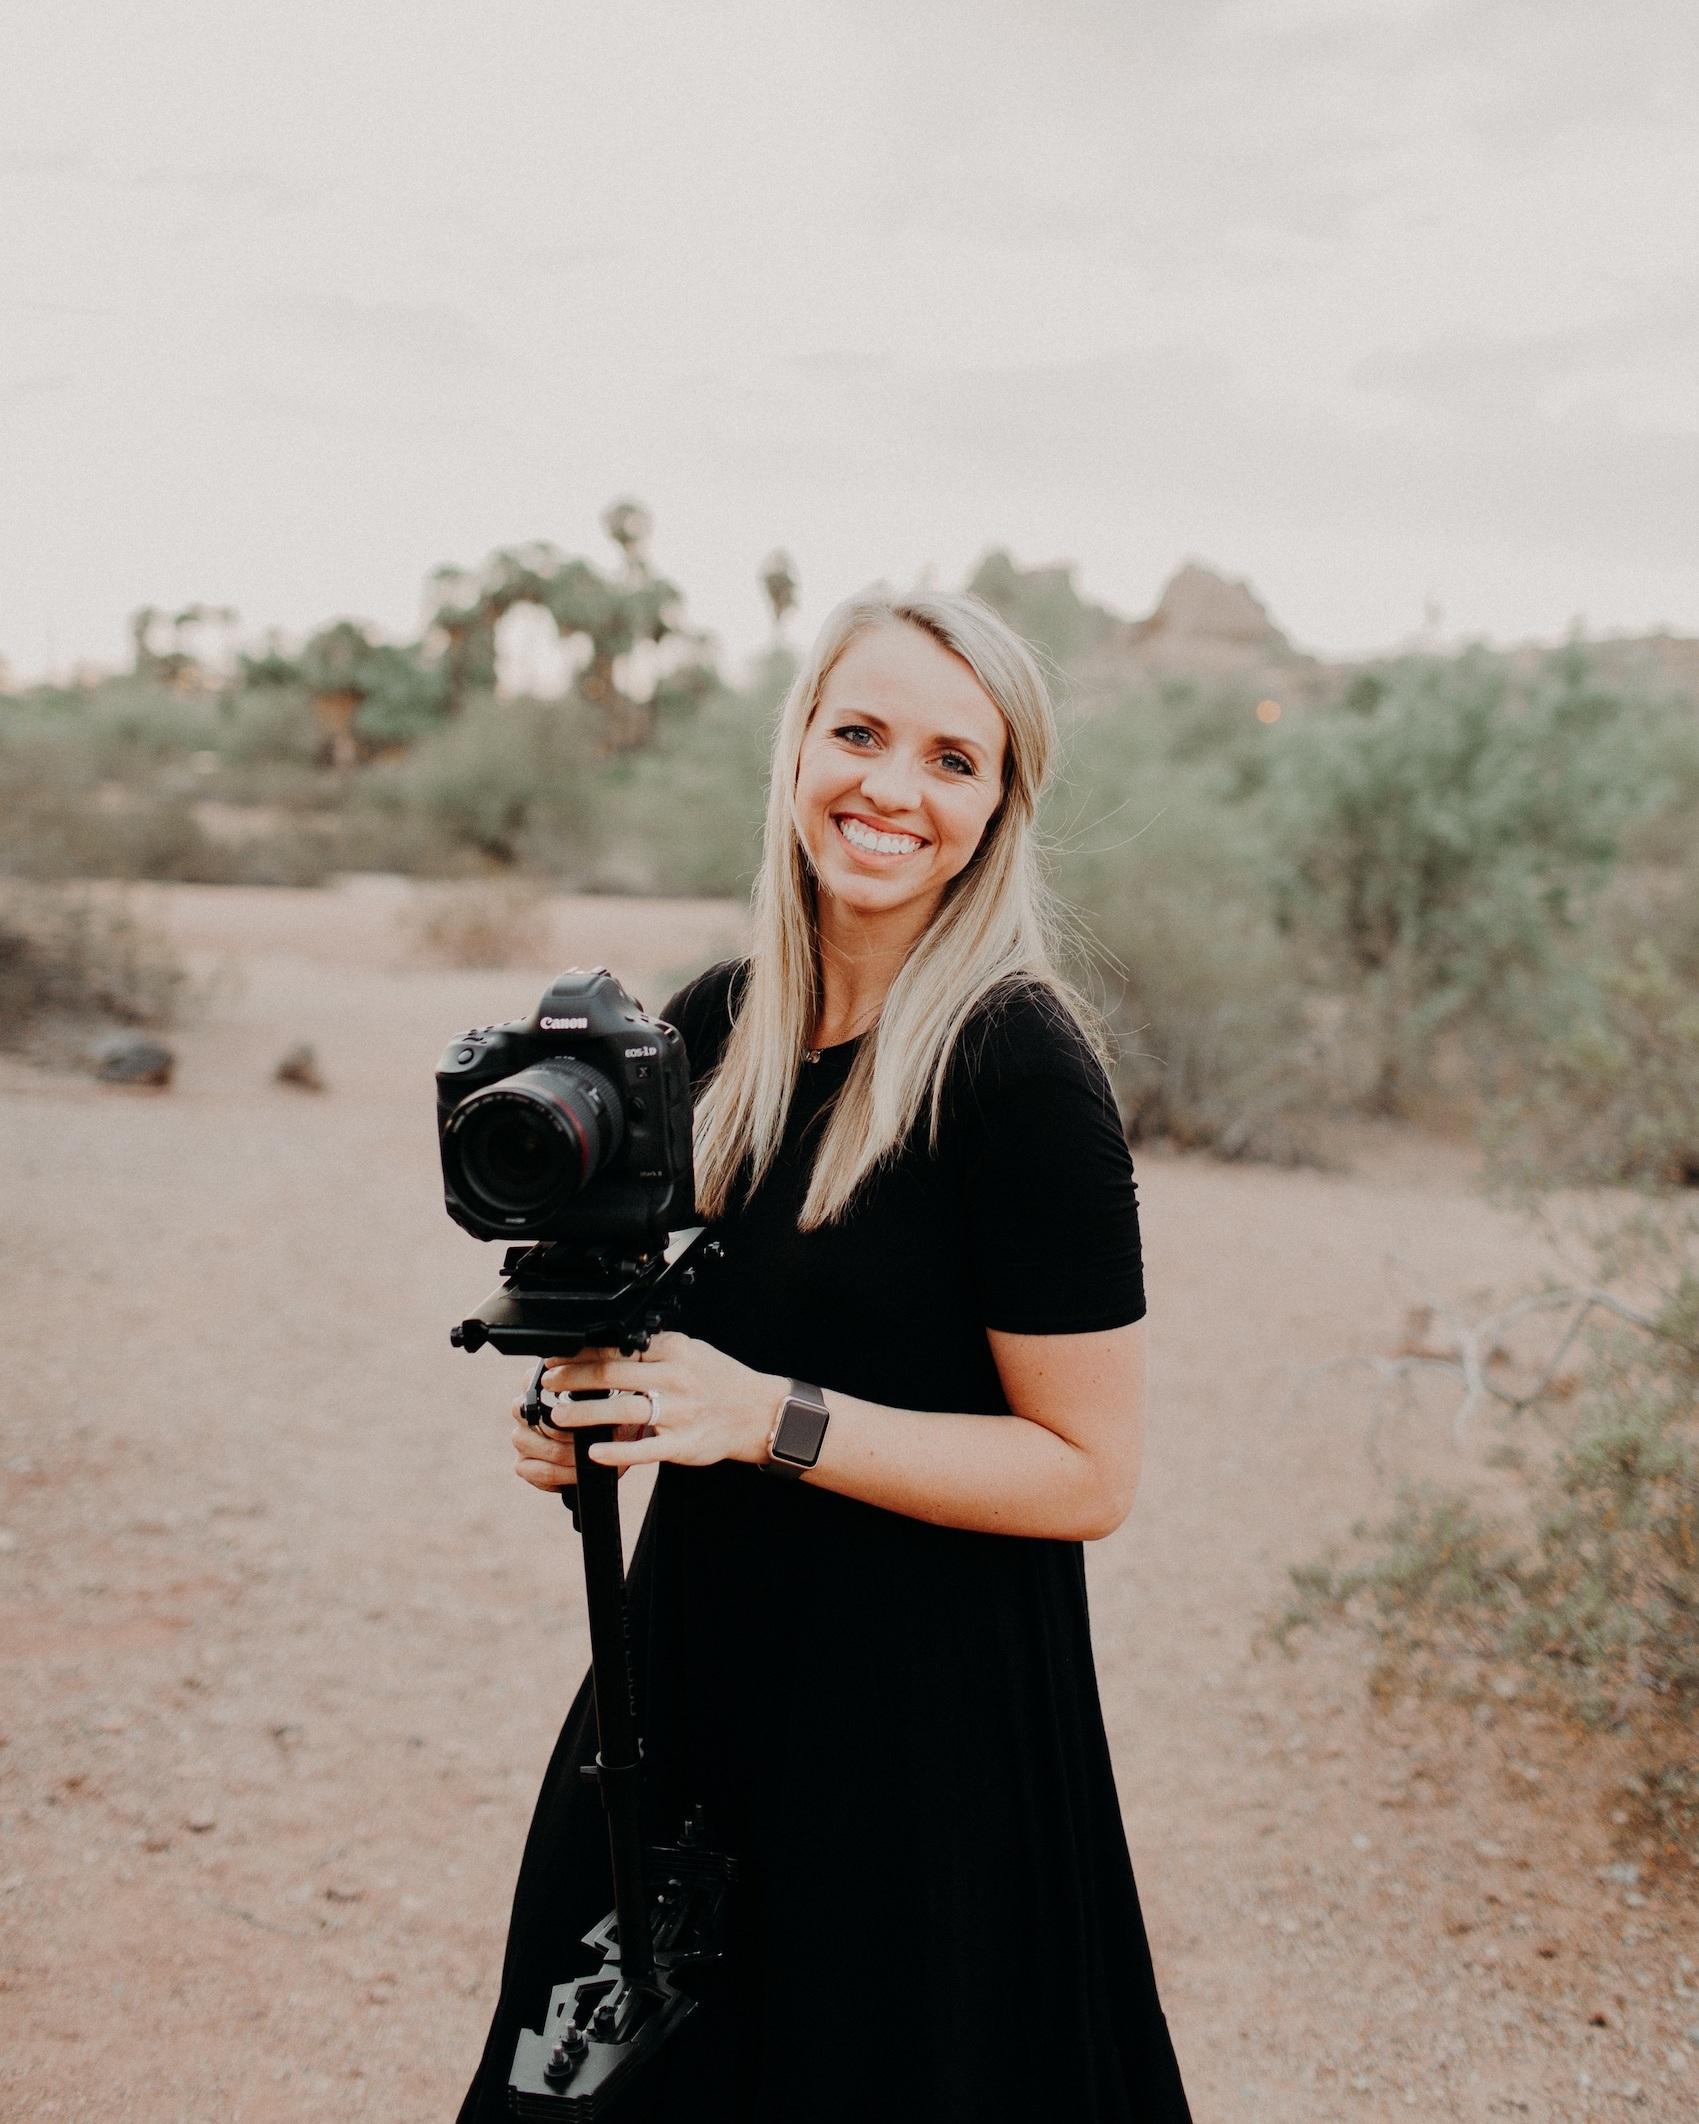 Behind the Camera - Trellany Bodine